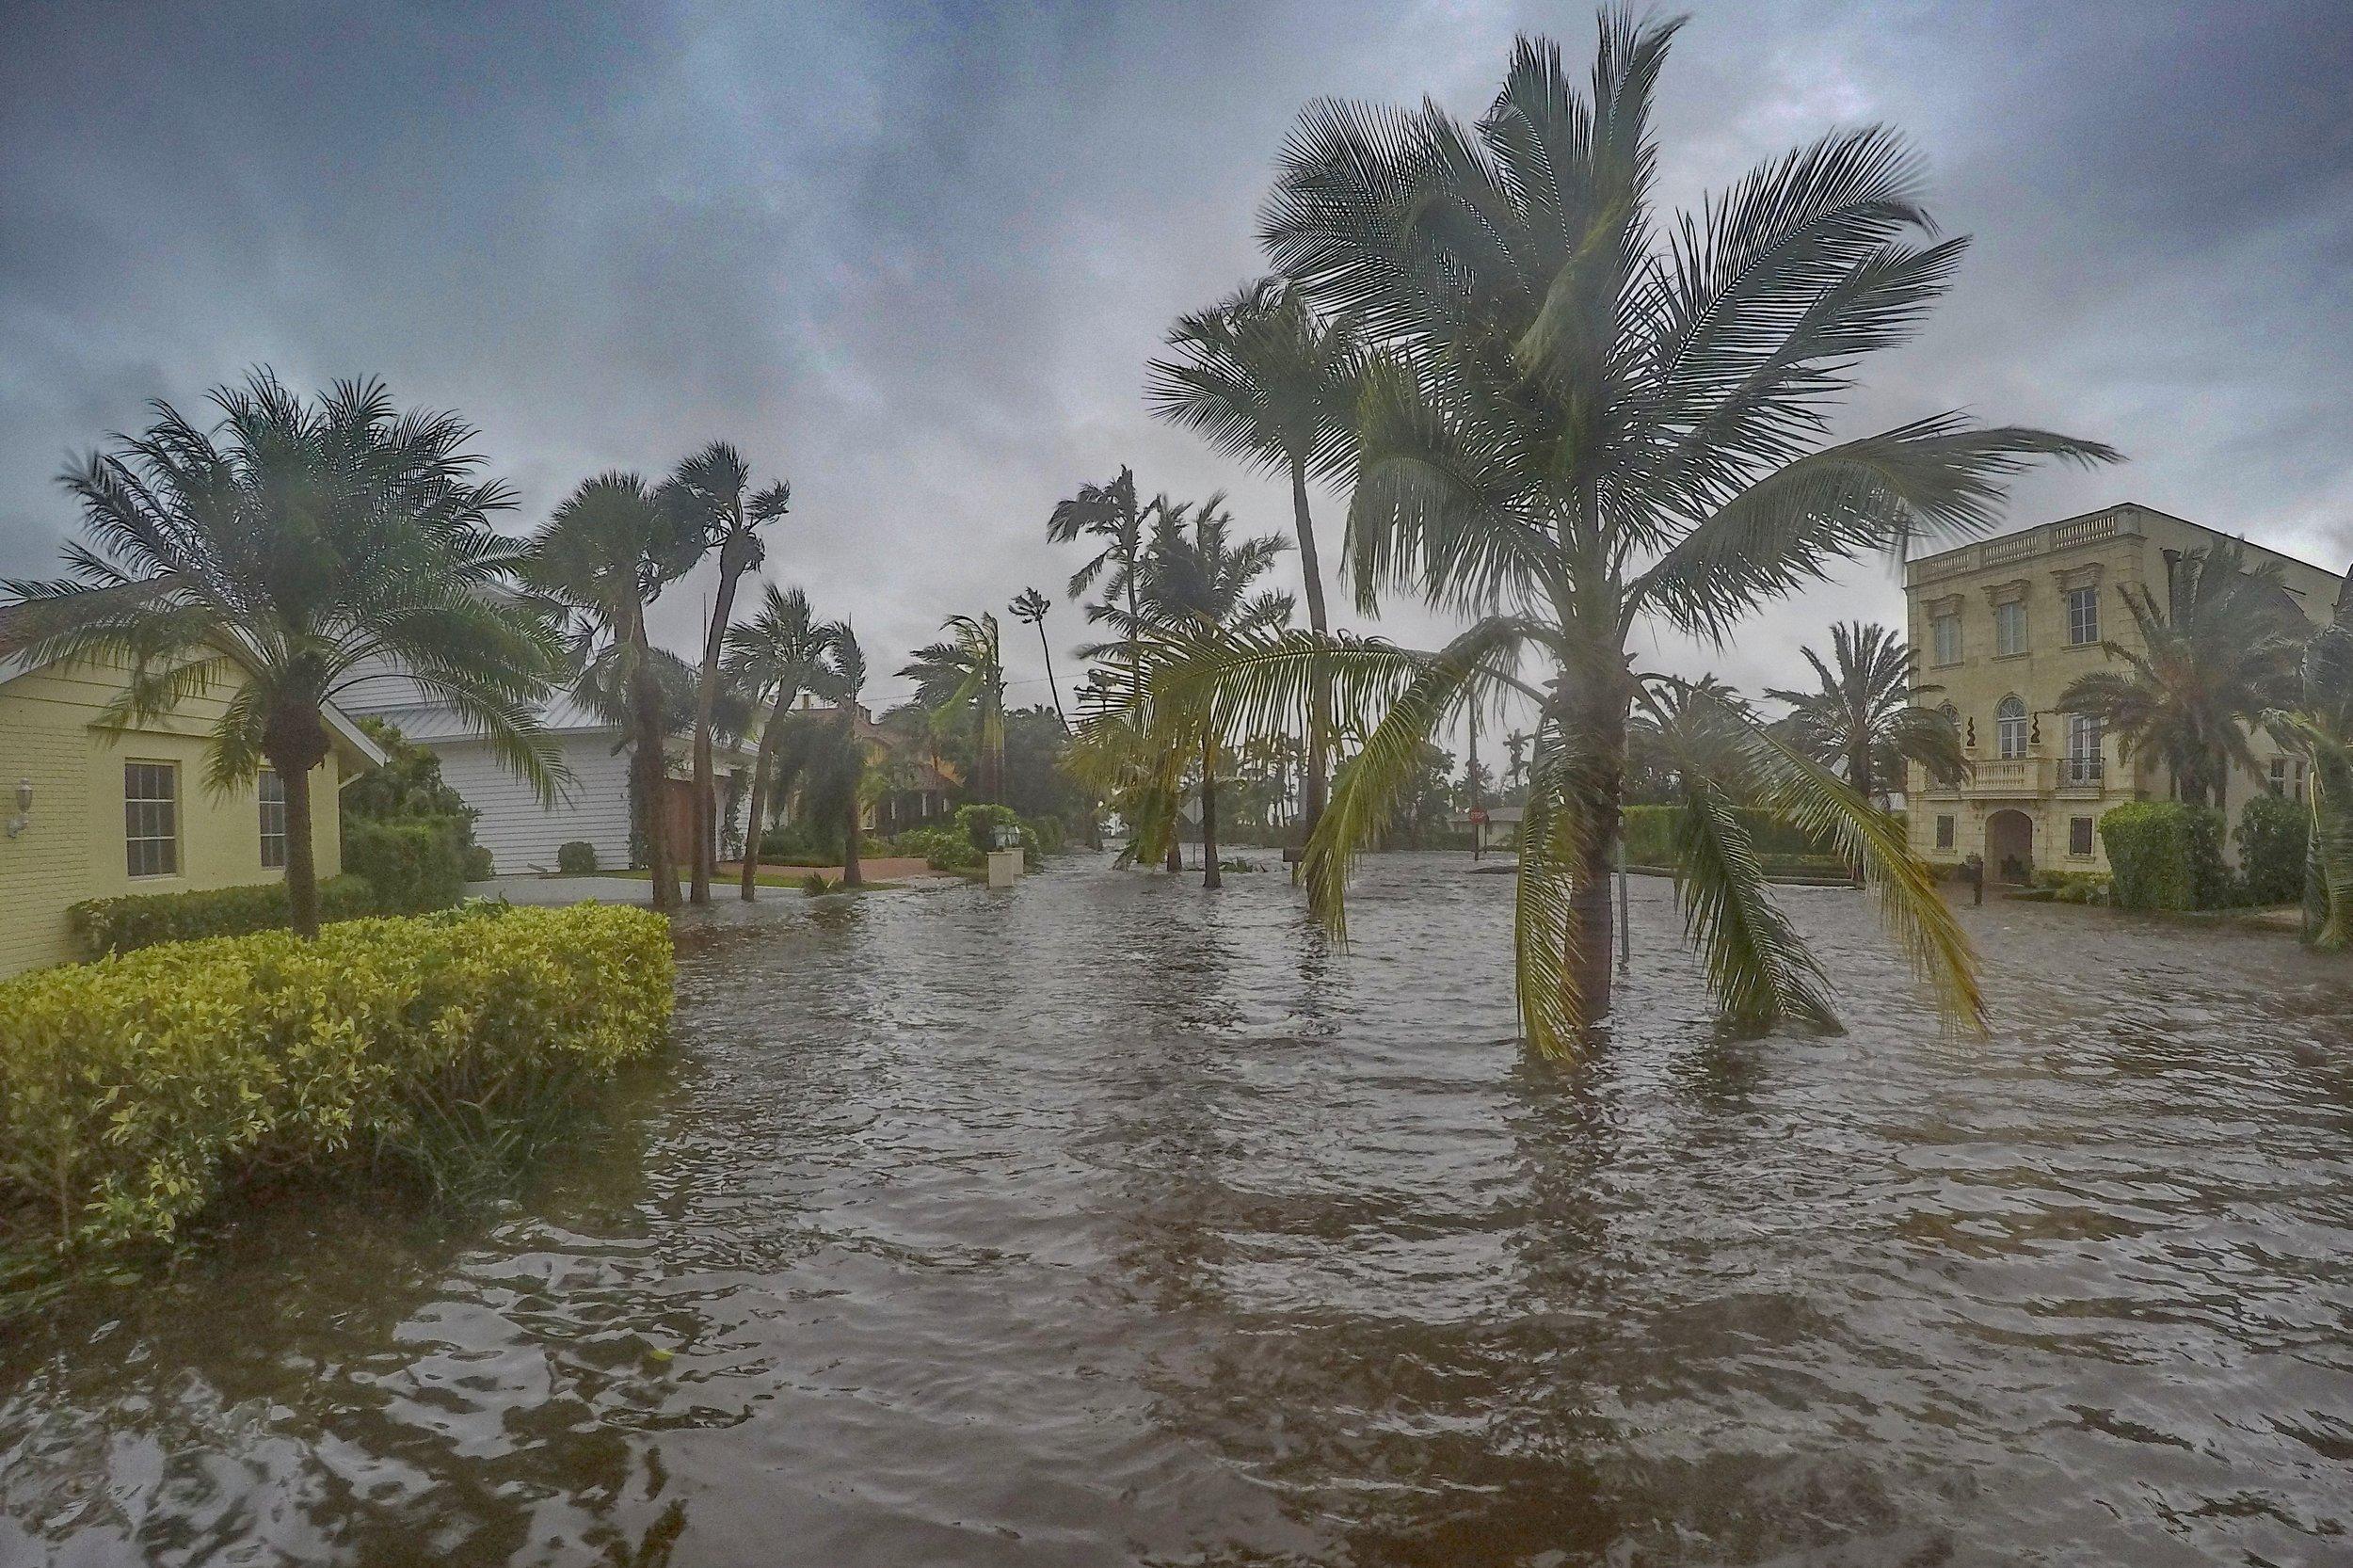 - Bij elke orkaan is er tevens kans op een zogenaamde 'surge': dat is het opzwepen van het oceaanwater door de wind en de luchtdrukverschillen in de orkaan. Vaak zorgen deze voor overstromingen, soms van wel meer dan 5 meter. Het is daarom zaak altijd een uitwijkmogelijkheid te hebben naar hoger gelegen etages in een gebouw of parkeergarage. Afhankelijk van de trekrichting en de precieze topografie van de omgeving komt zo'n surge voorafgaand en tijdens de passage van het oog, of ruim na passage van het oog.Vanaf het moment dat de wind stormkracht bereikt tot aan het einde van de stormwinden kan zeer variabel zijn, maar is meestal tussen de 2 en 6 uur.Aan het einde van de orkaan besluiten we wat we doen: is het veilig om weg te rijden en een hotel op te zoeken, of blijven we overnachten in of nabij de auto? Als we mensen onderweg kunnen helpen, nemen we daar de tijd voor.